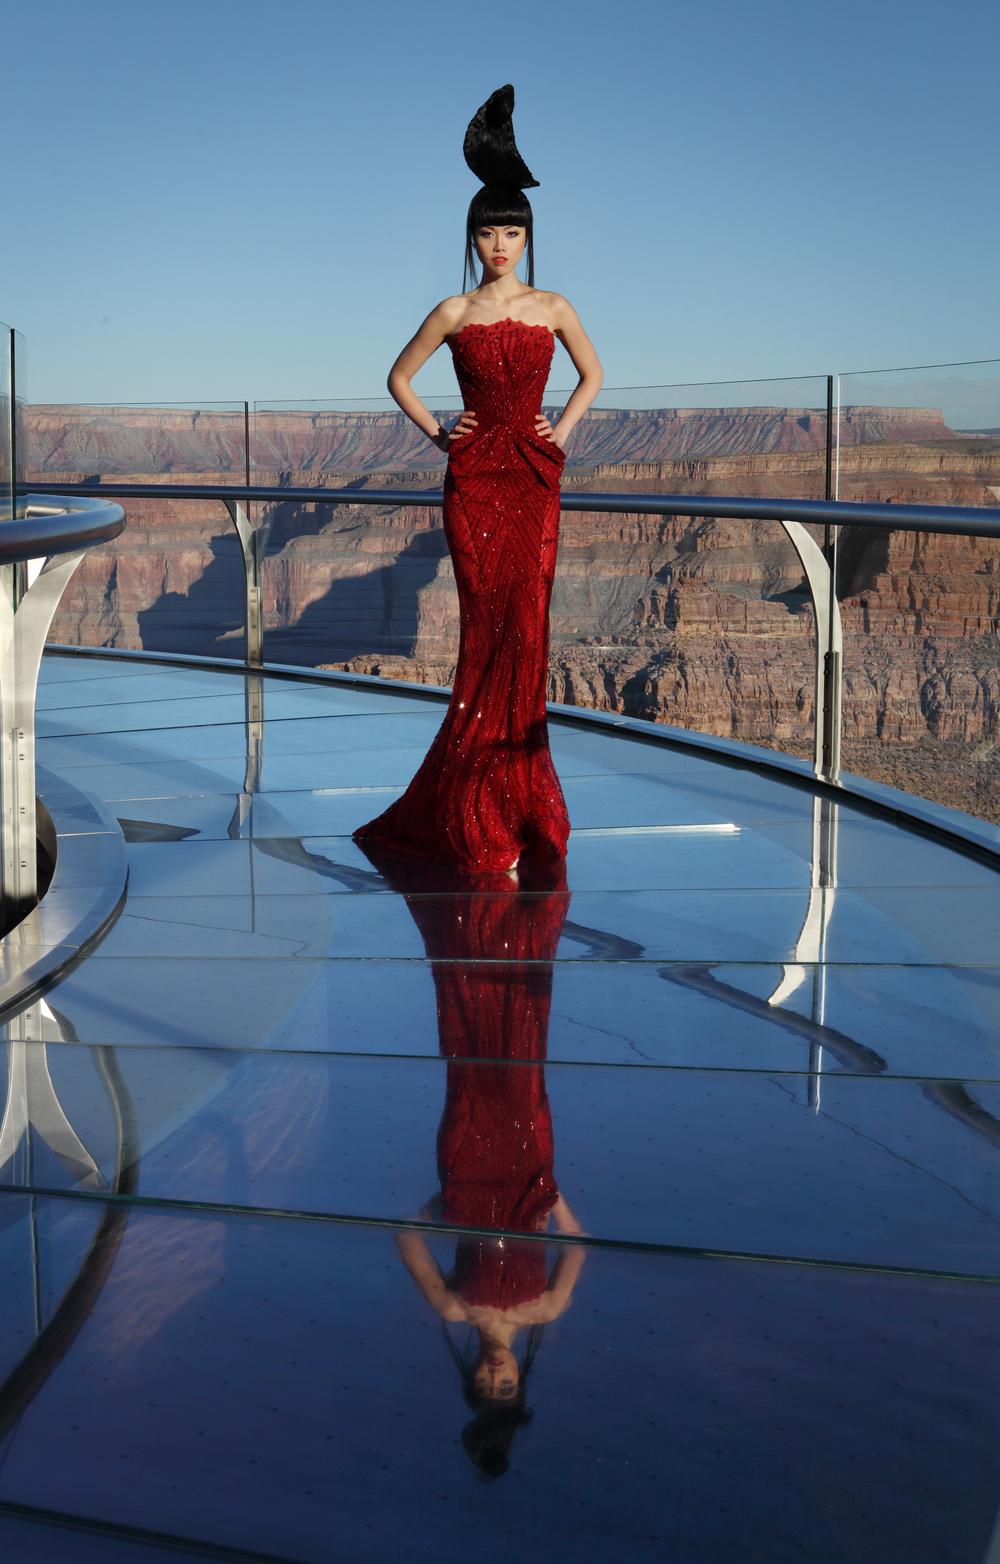 GRAND CANYON, fashion by Ziad Nakad